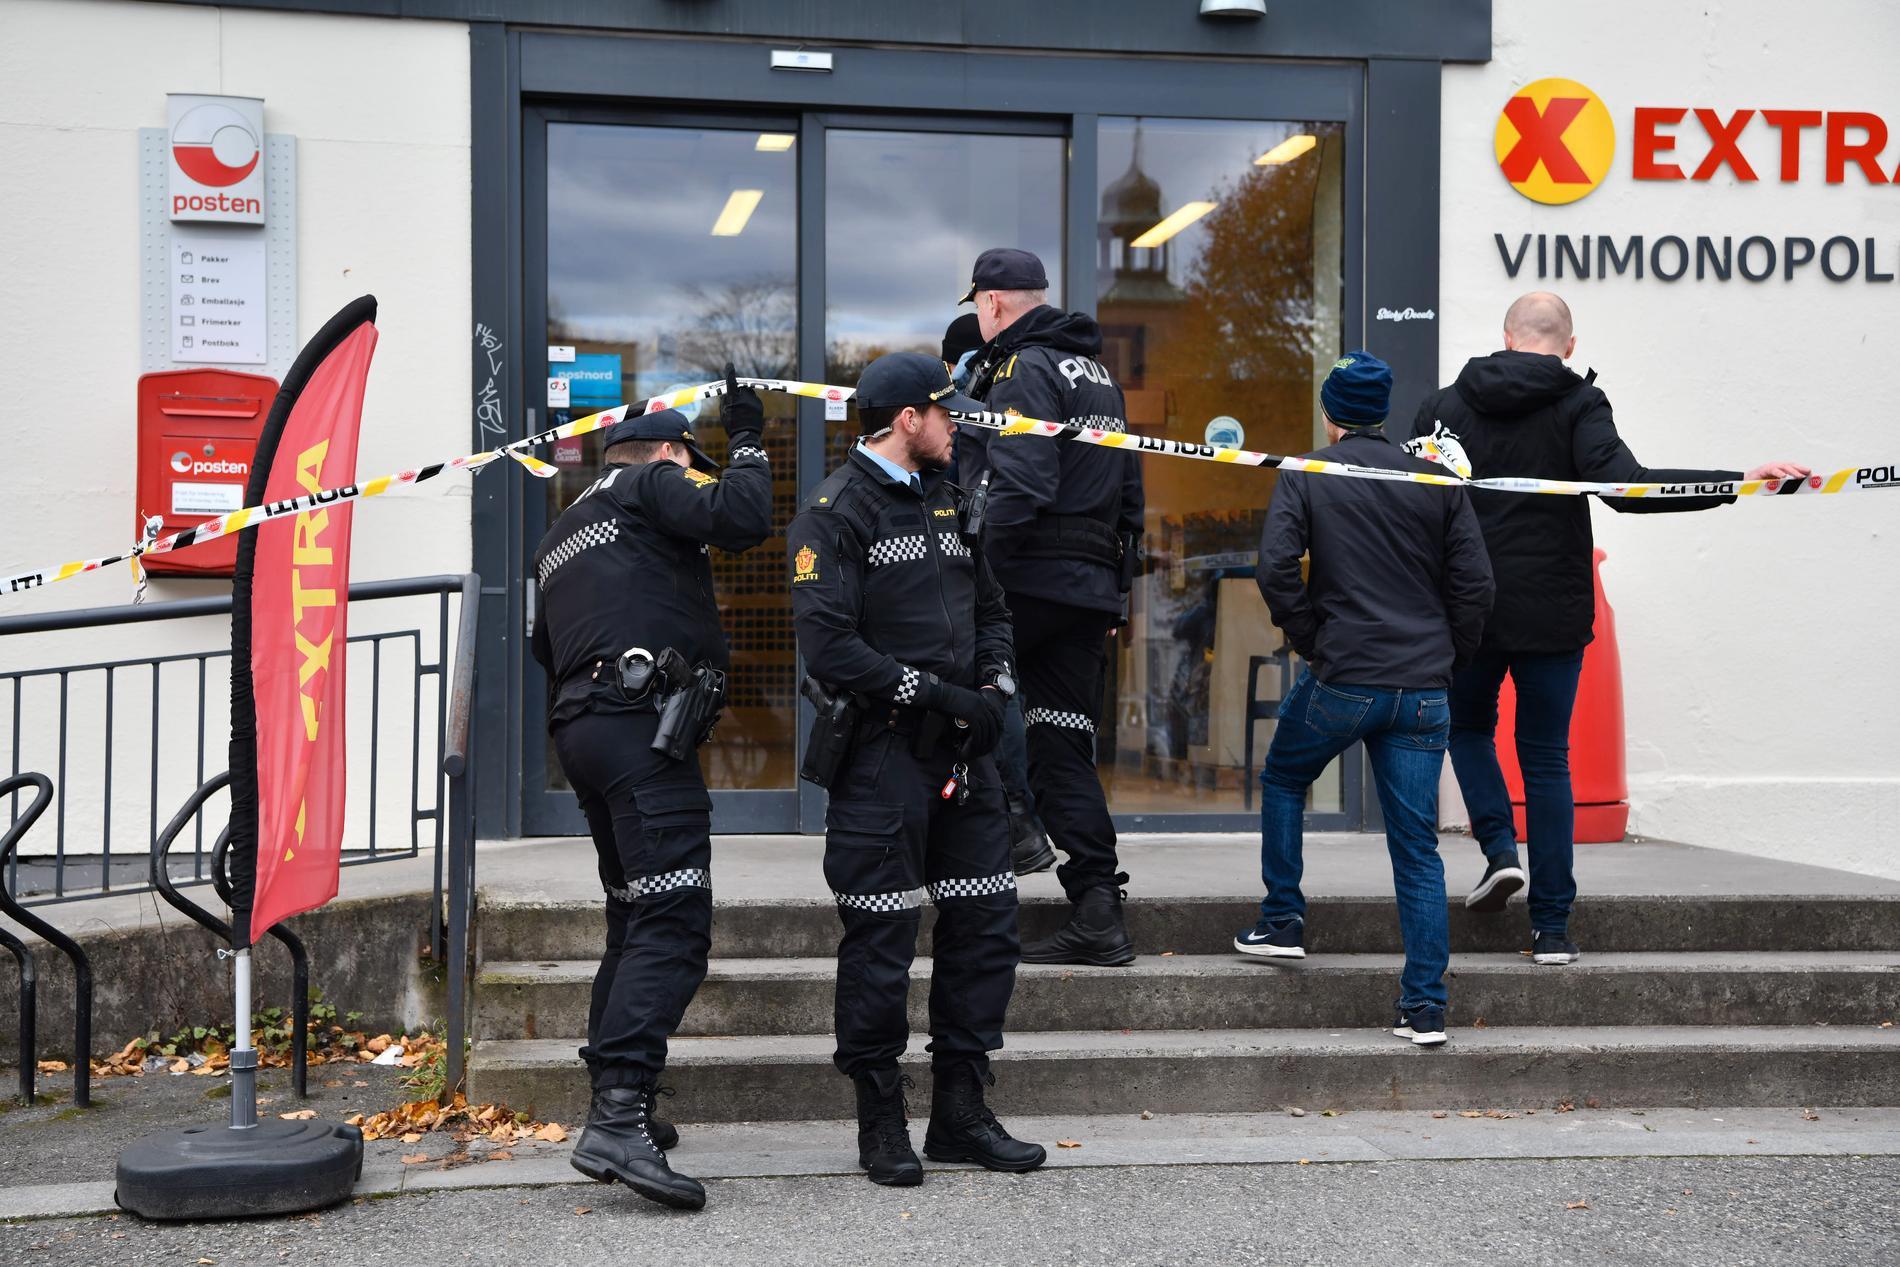 Polis på plats utanför affär i Kongsberg.